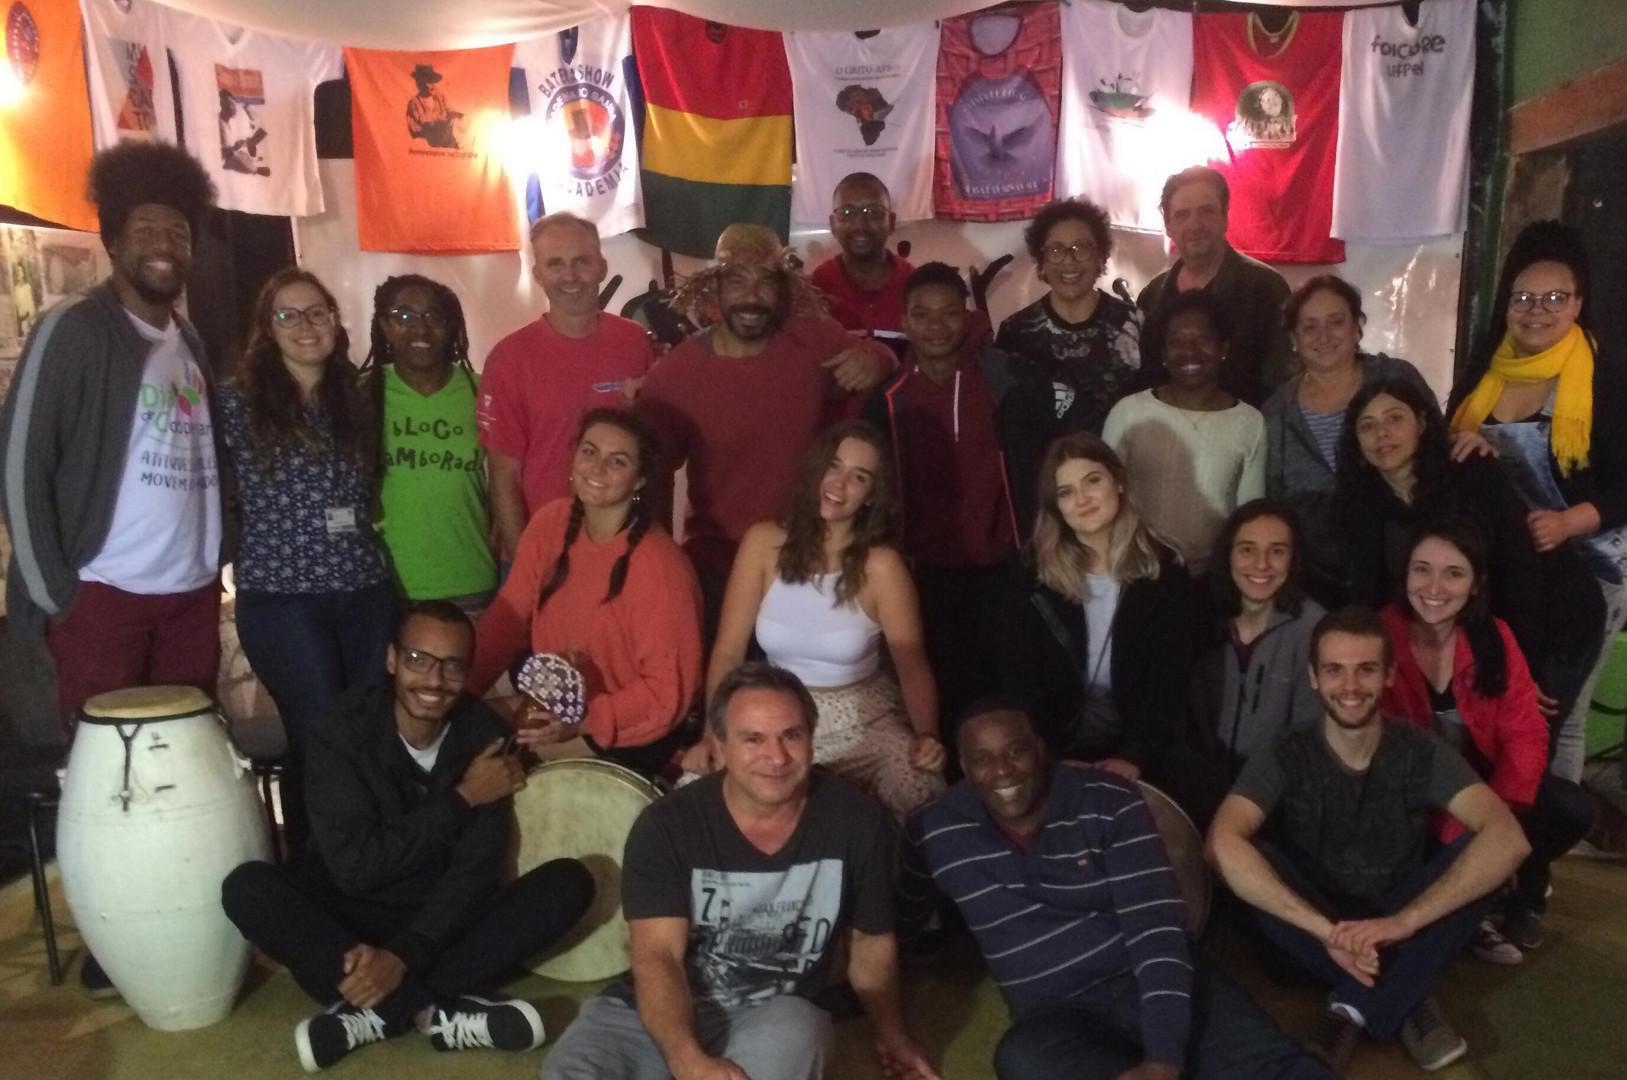 23 Oficina Summer School, grupo que veio